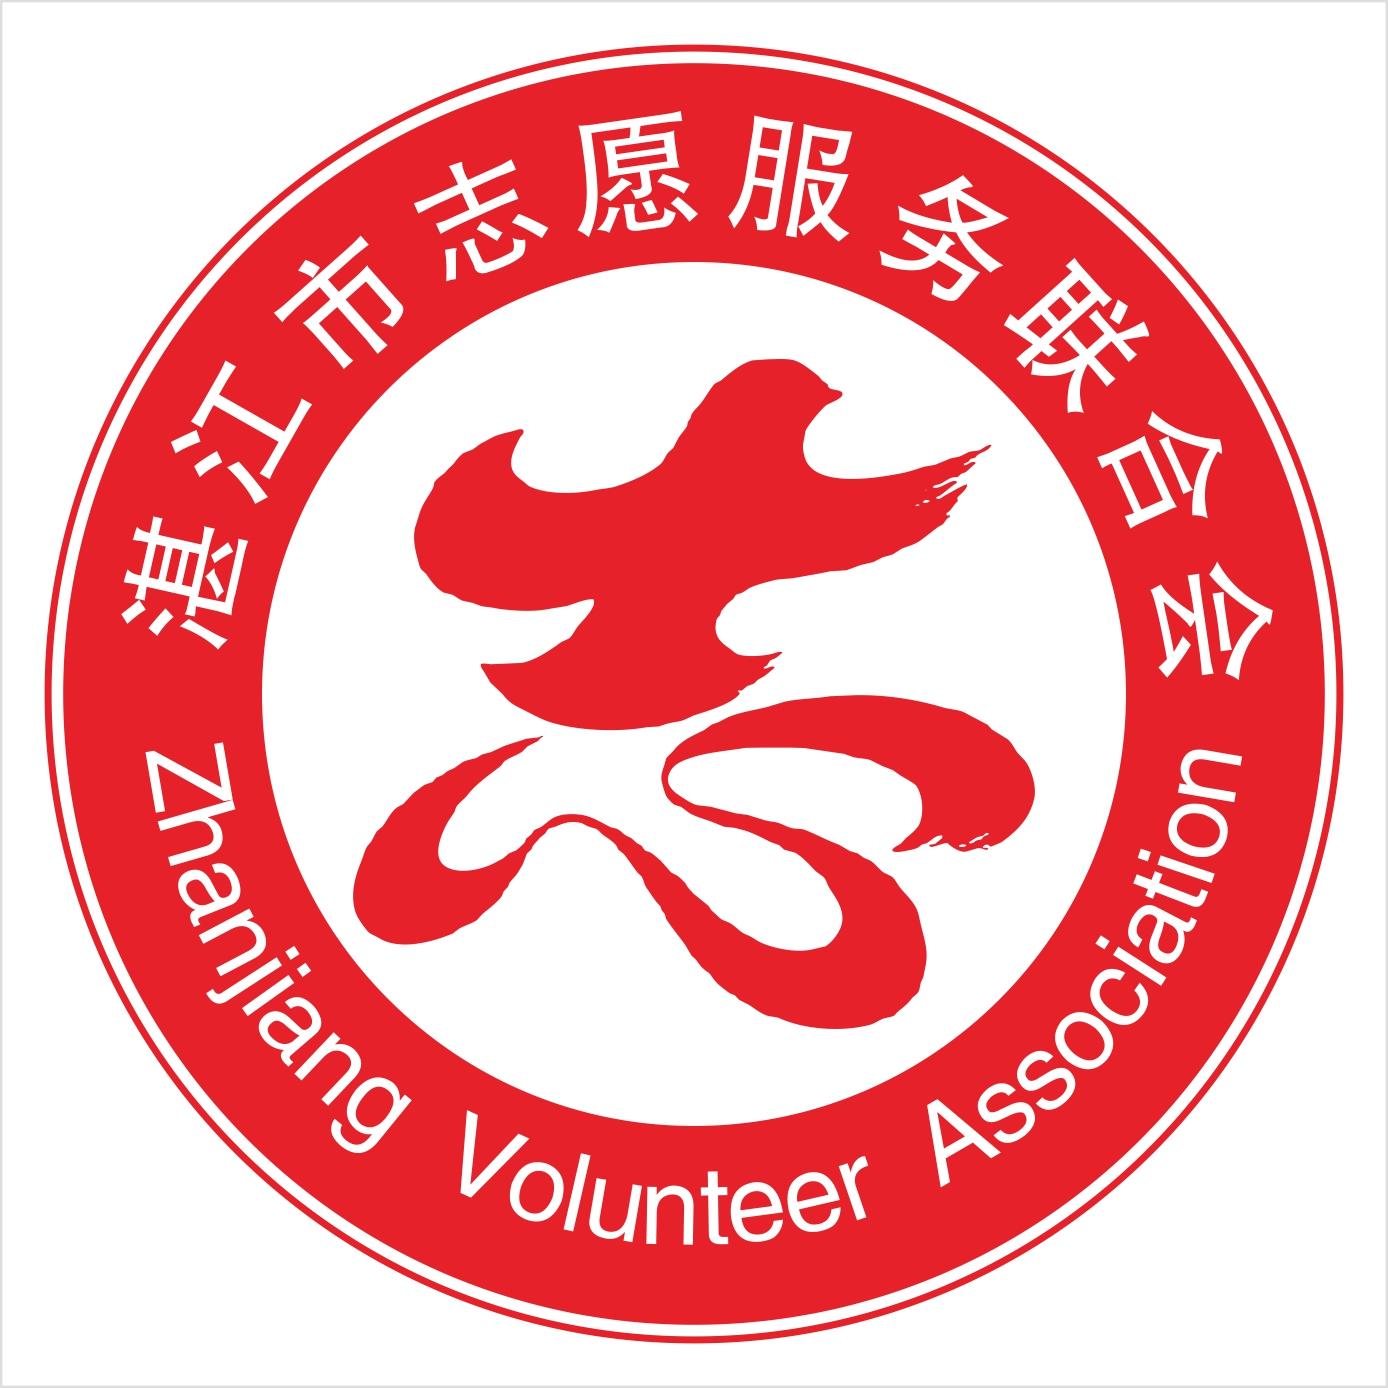 关于开展2019年最佳志愿服务组织、最佳志愿